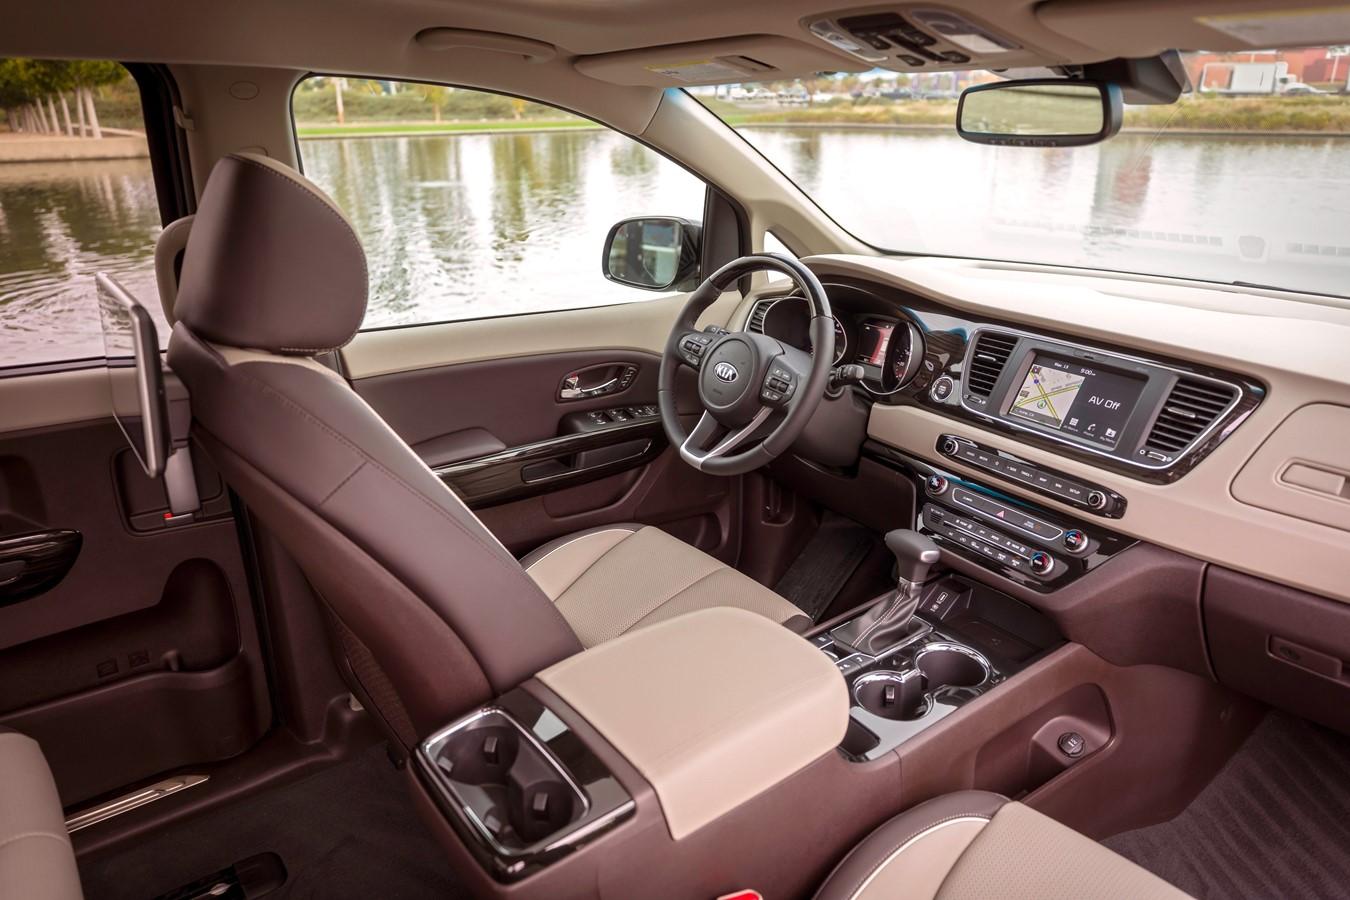 2020 Sedona Interior Driver